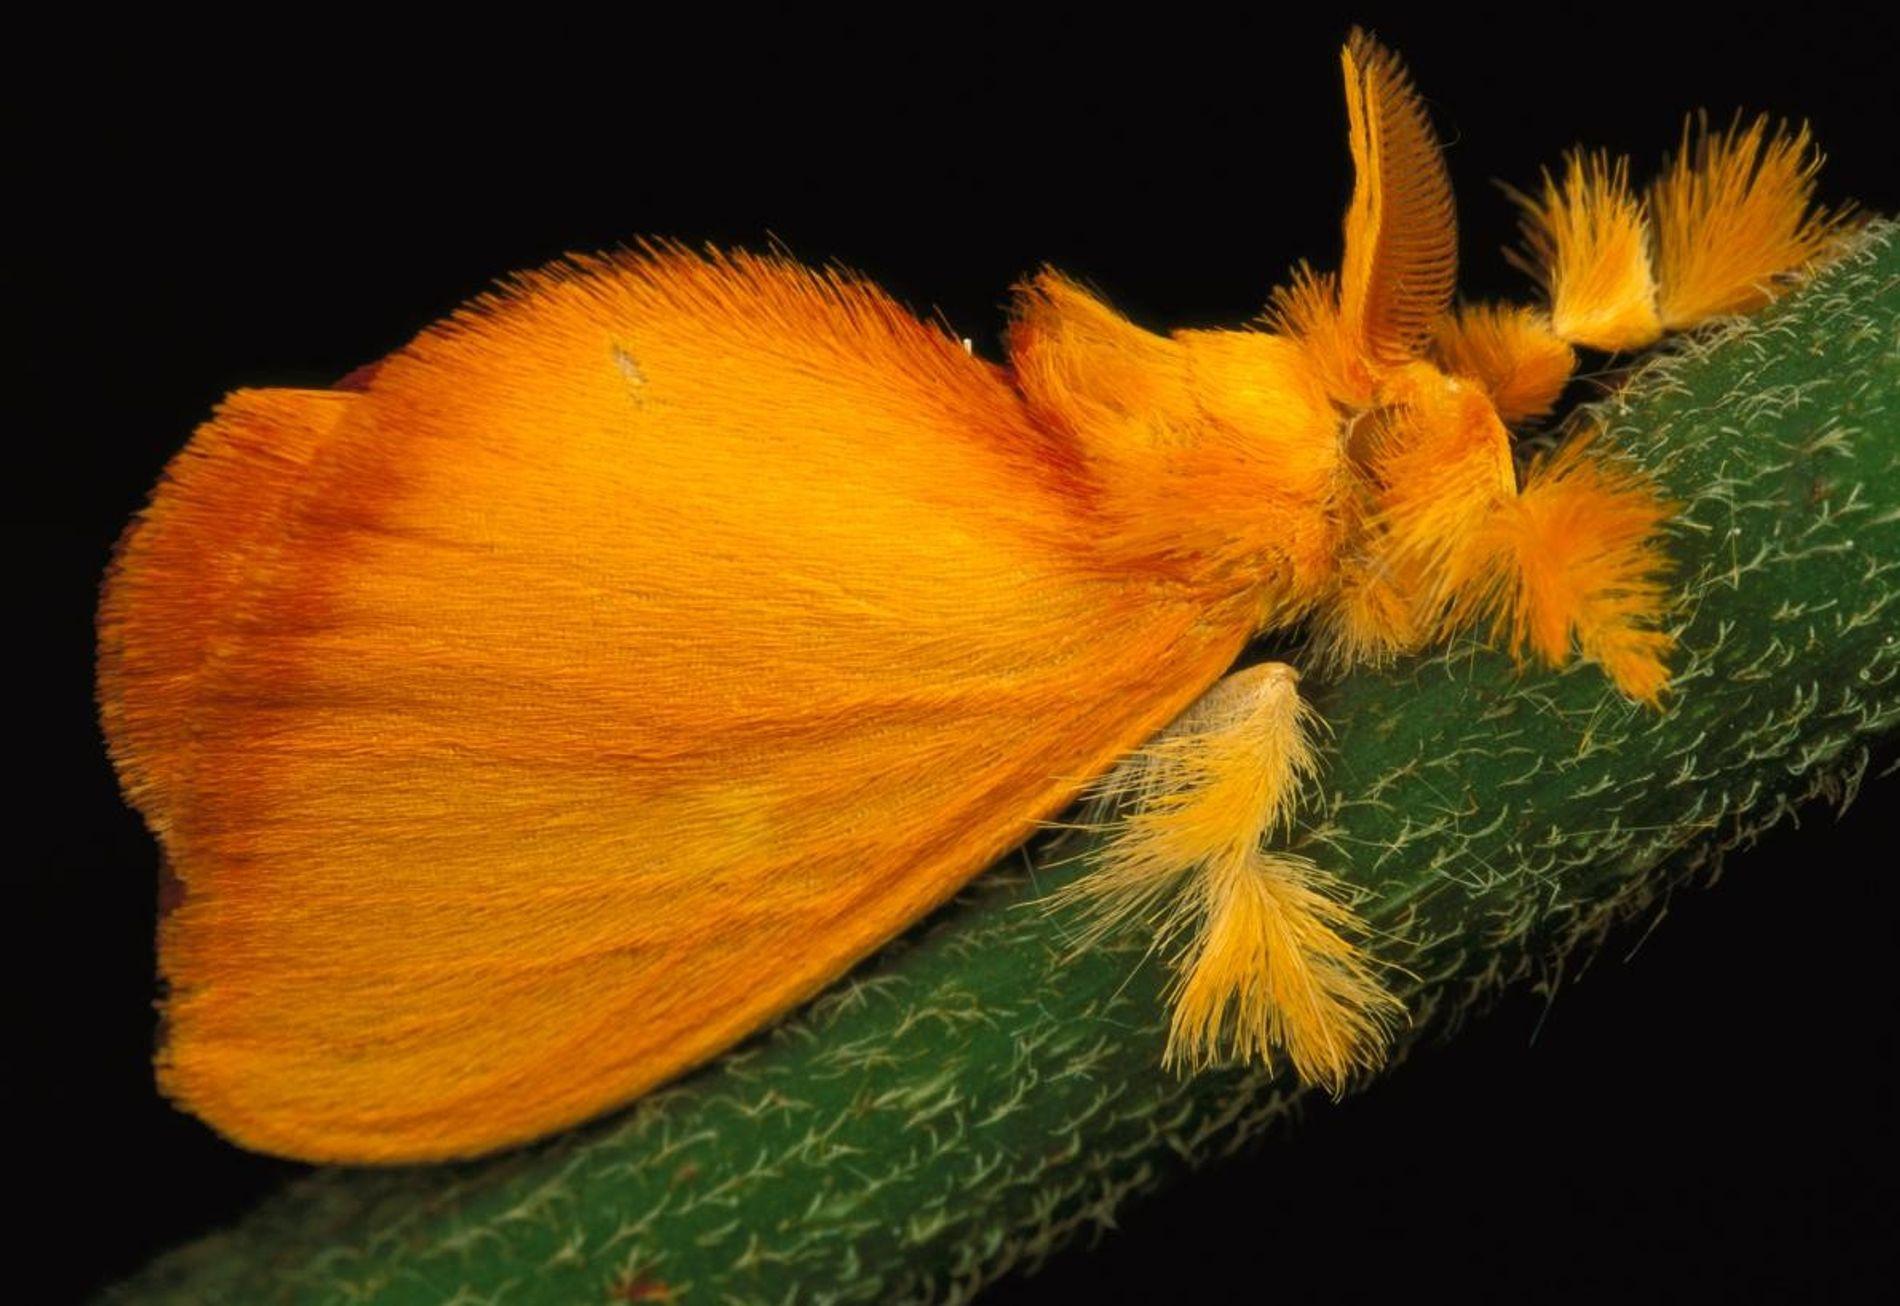 Acraga coa est surtout présent en Amérique centrale. Ces lépidoptères subissent une transformation spectaculaire, passant de ...